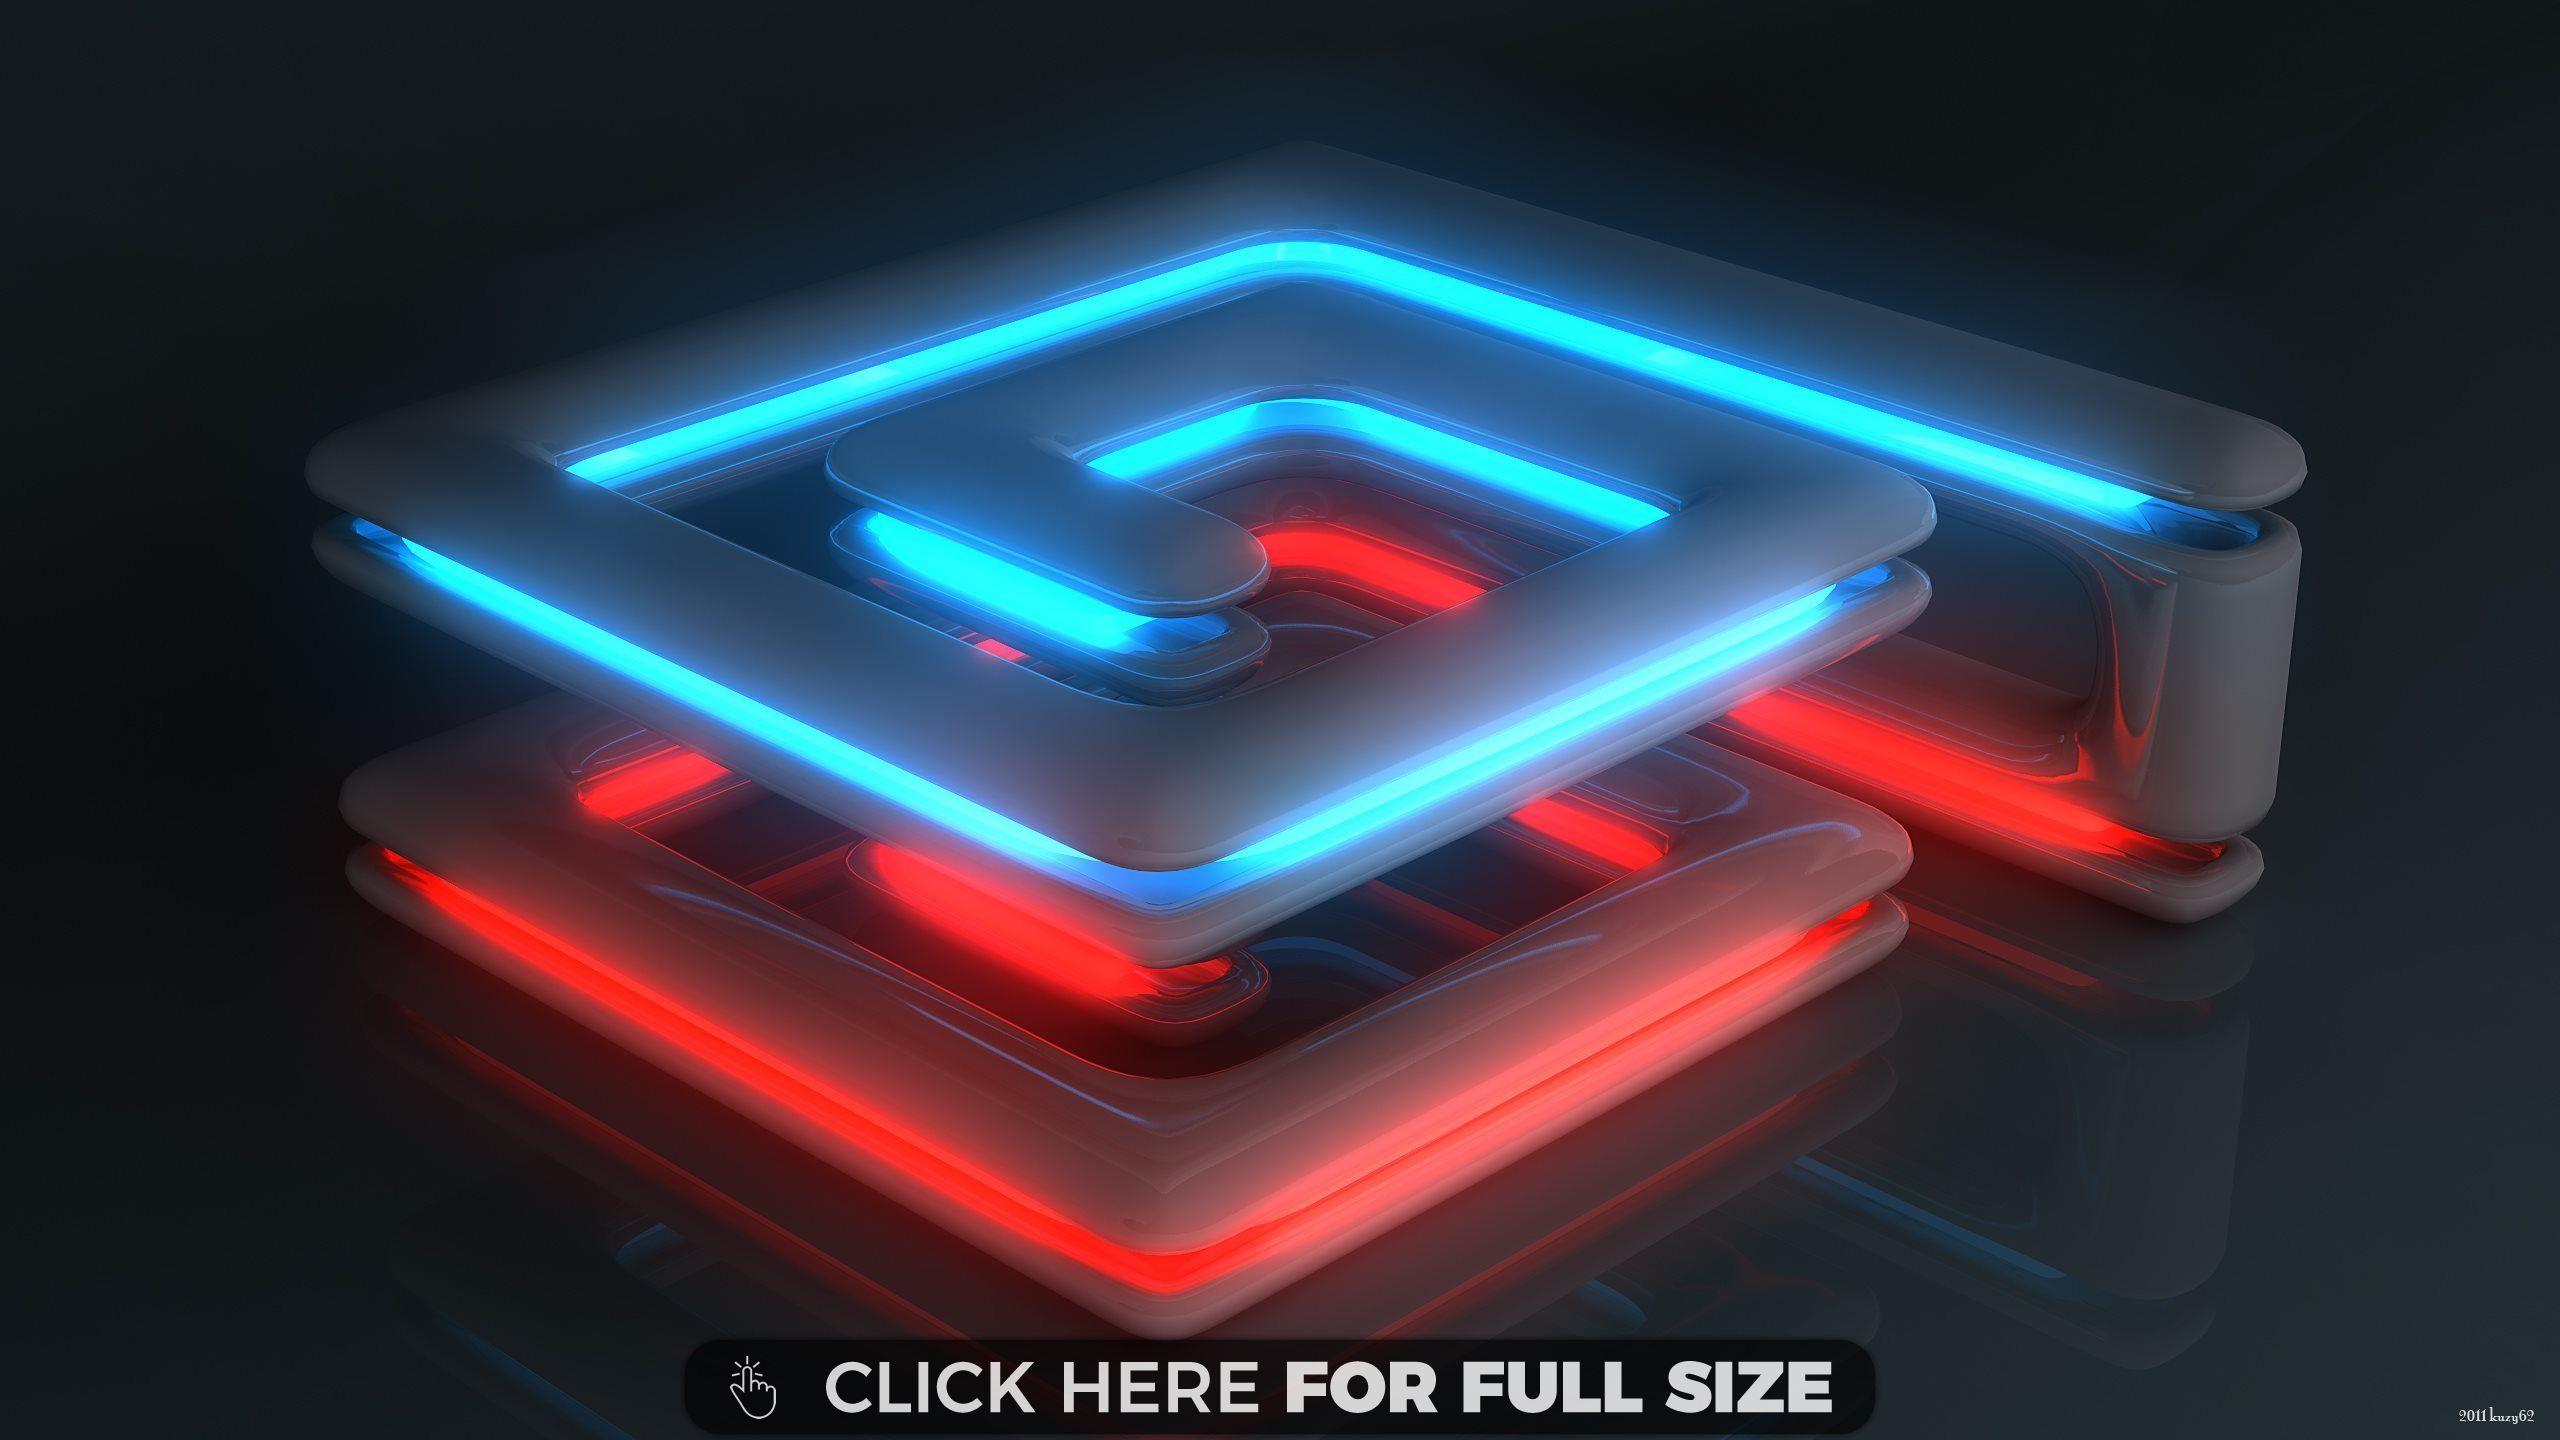 cool 3d backgrounds 00002 | desktop wallpapers | pinterest | 3d